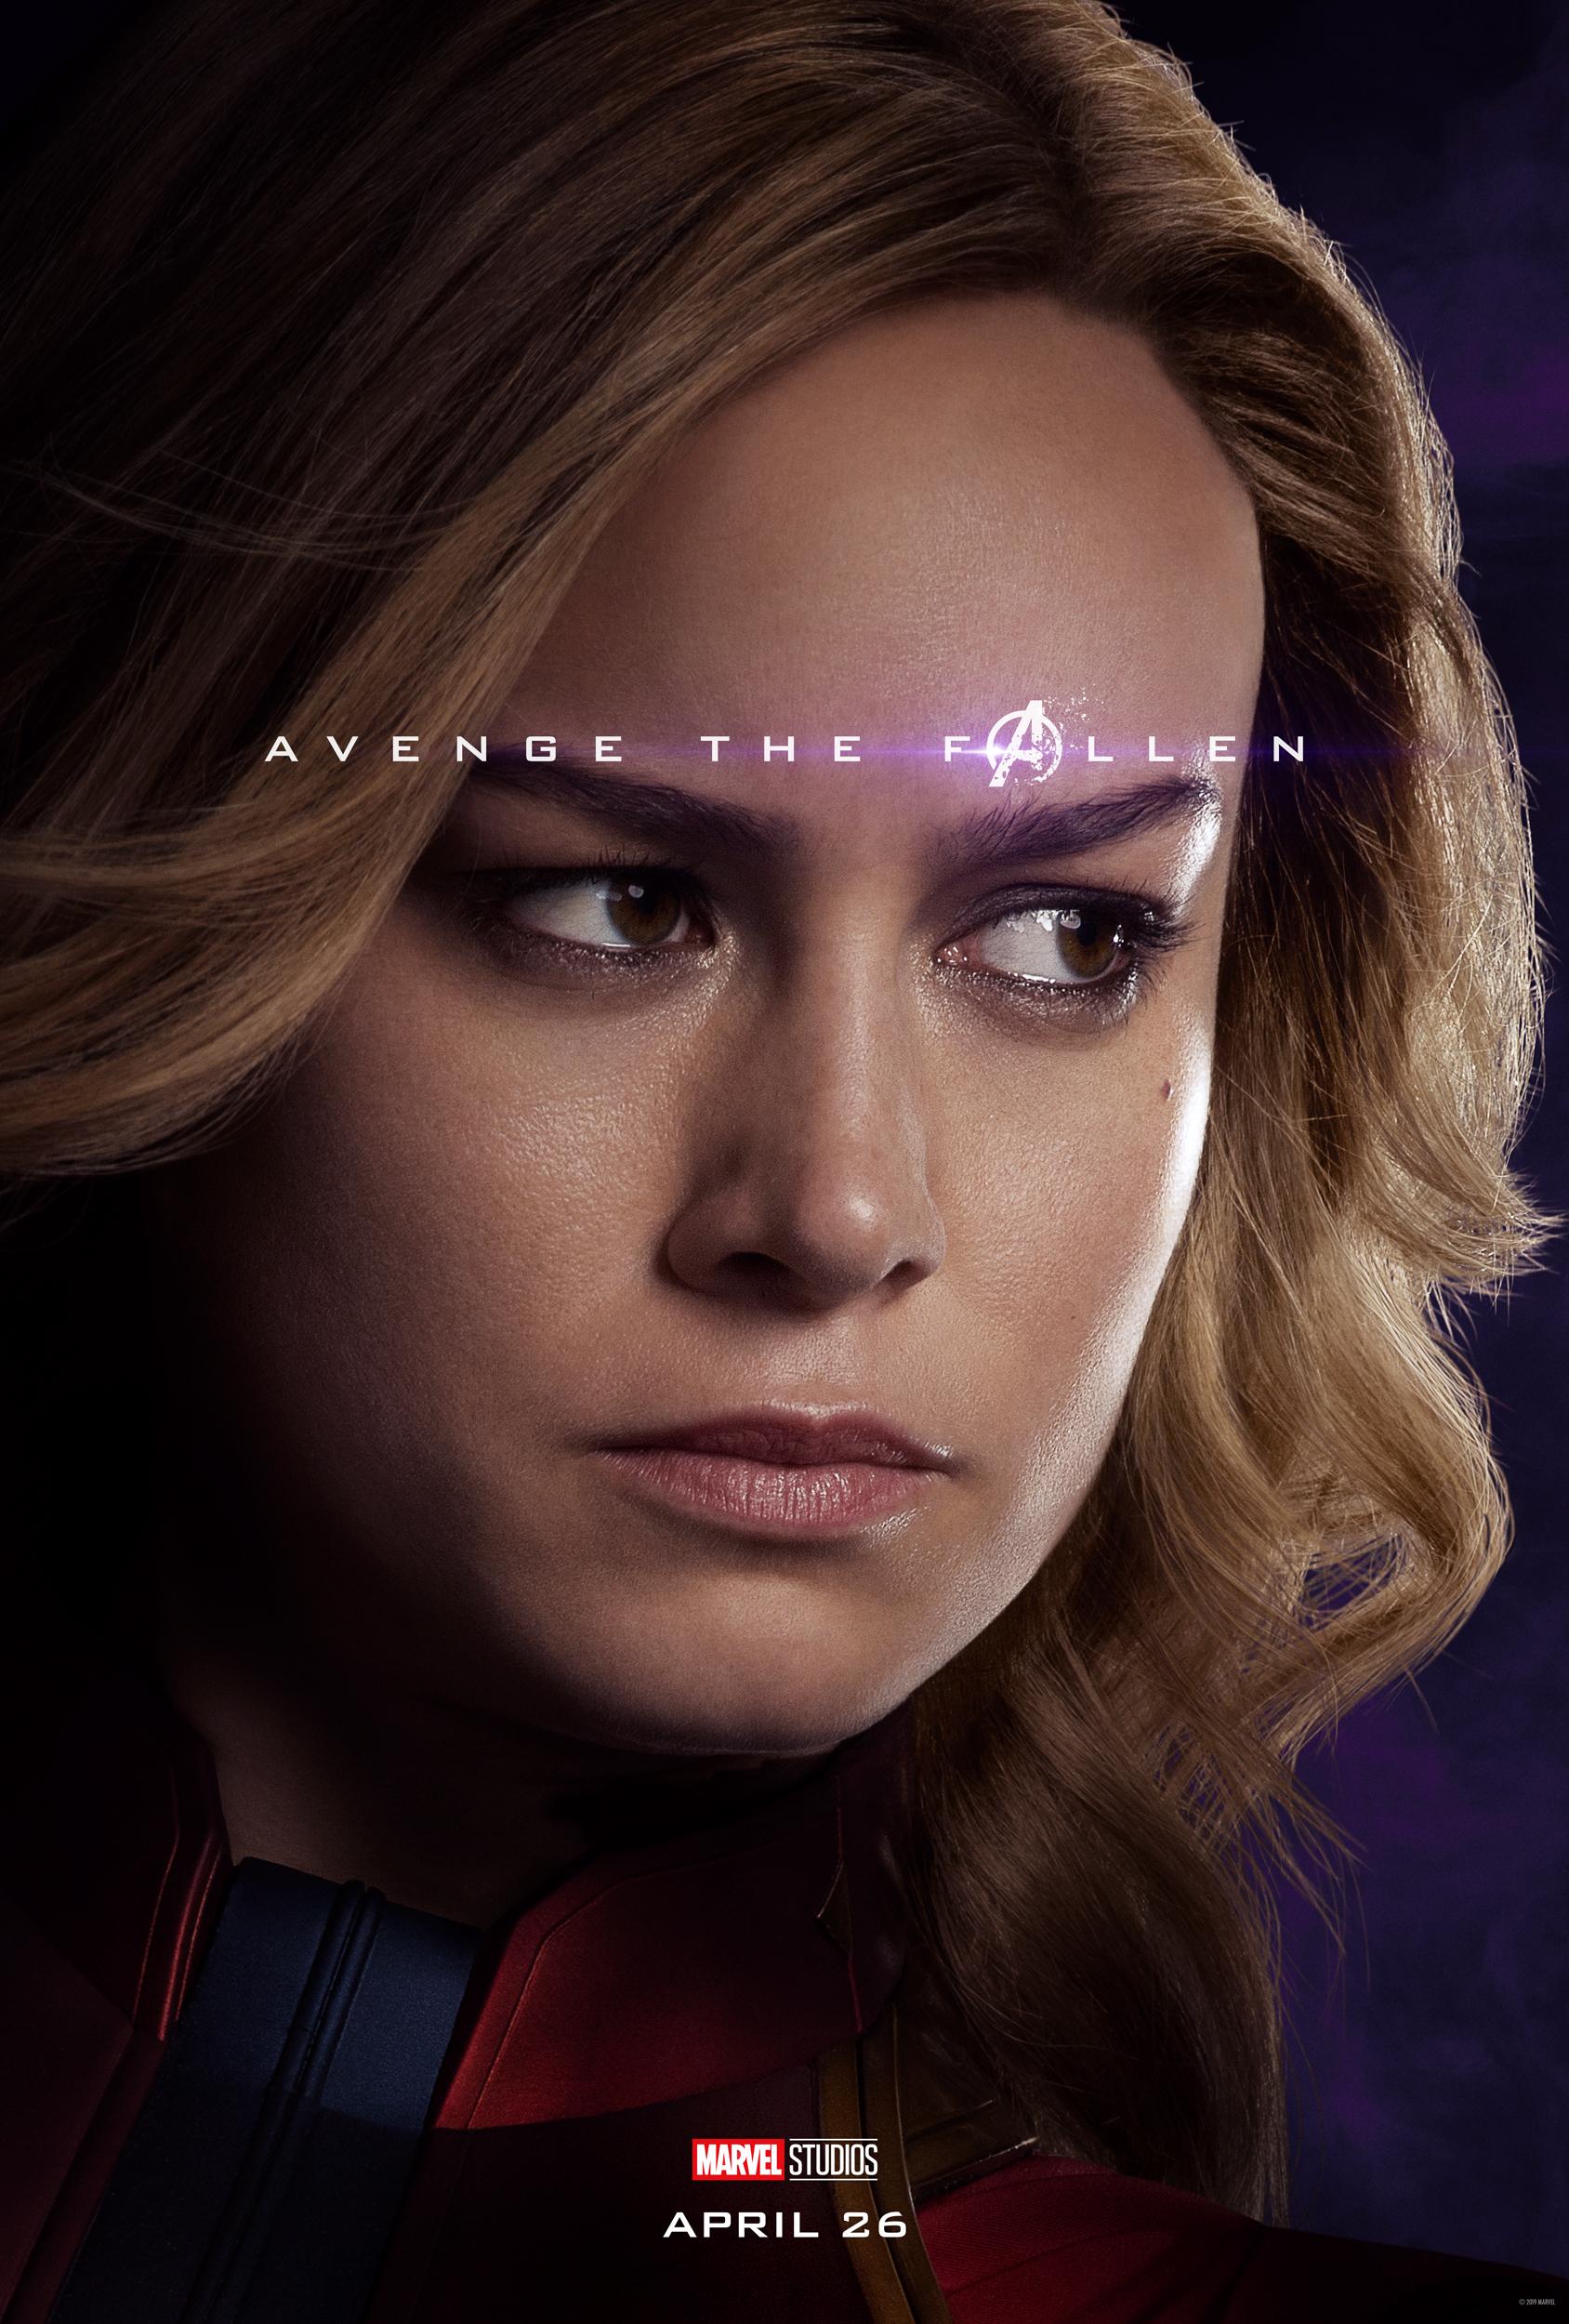 AvengersEndgame_Online Char_AvengeHonor Series_CaptainMarvel_v2_Lg